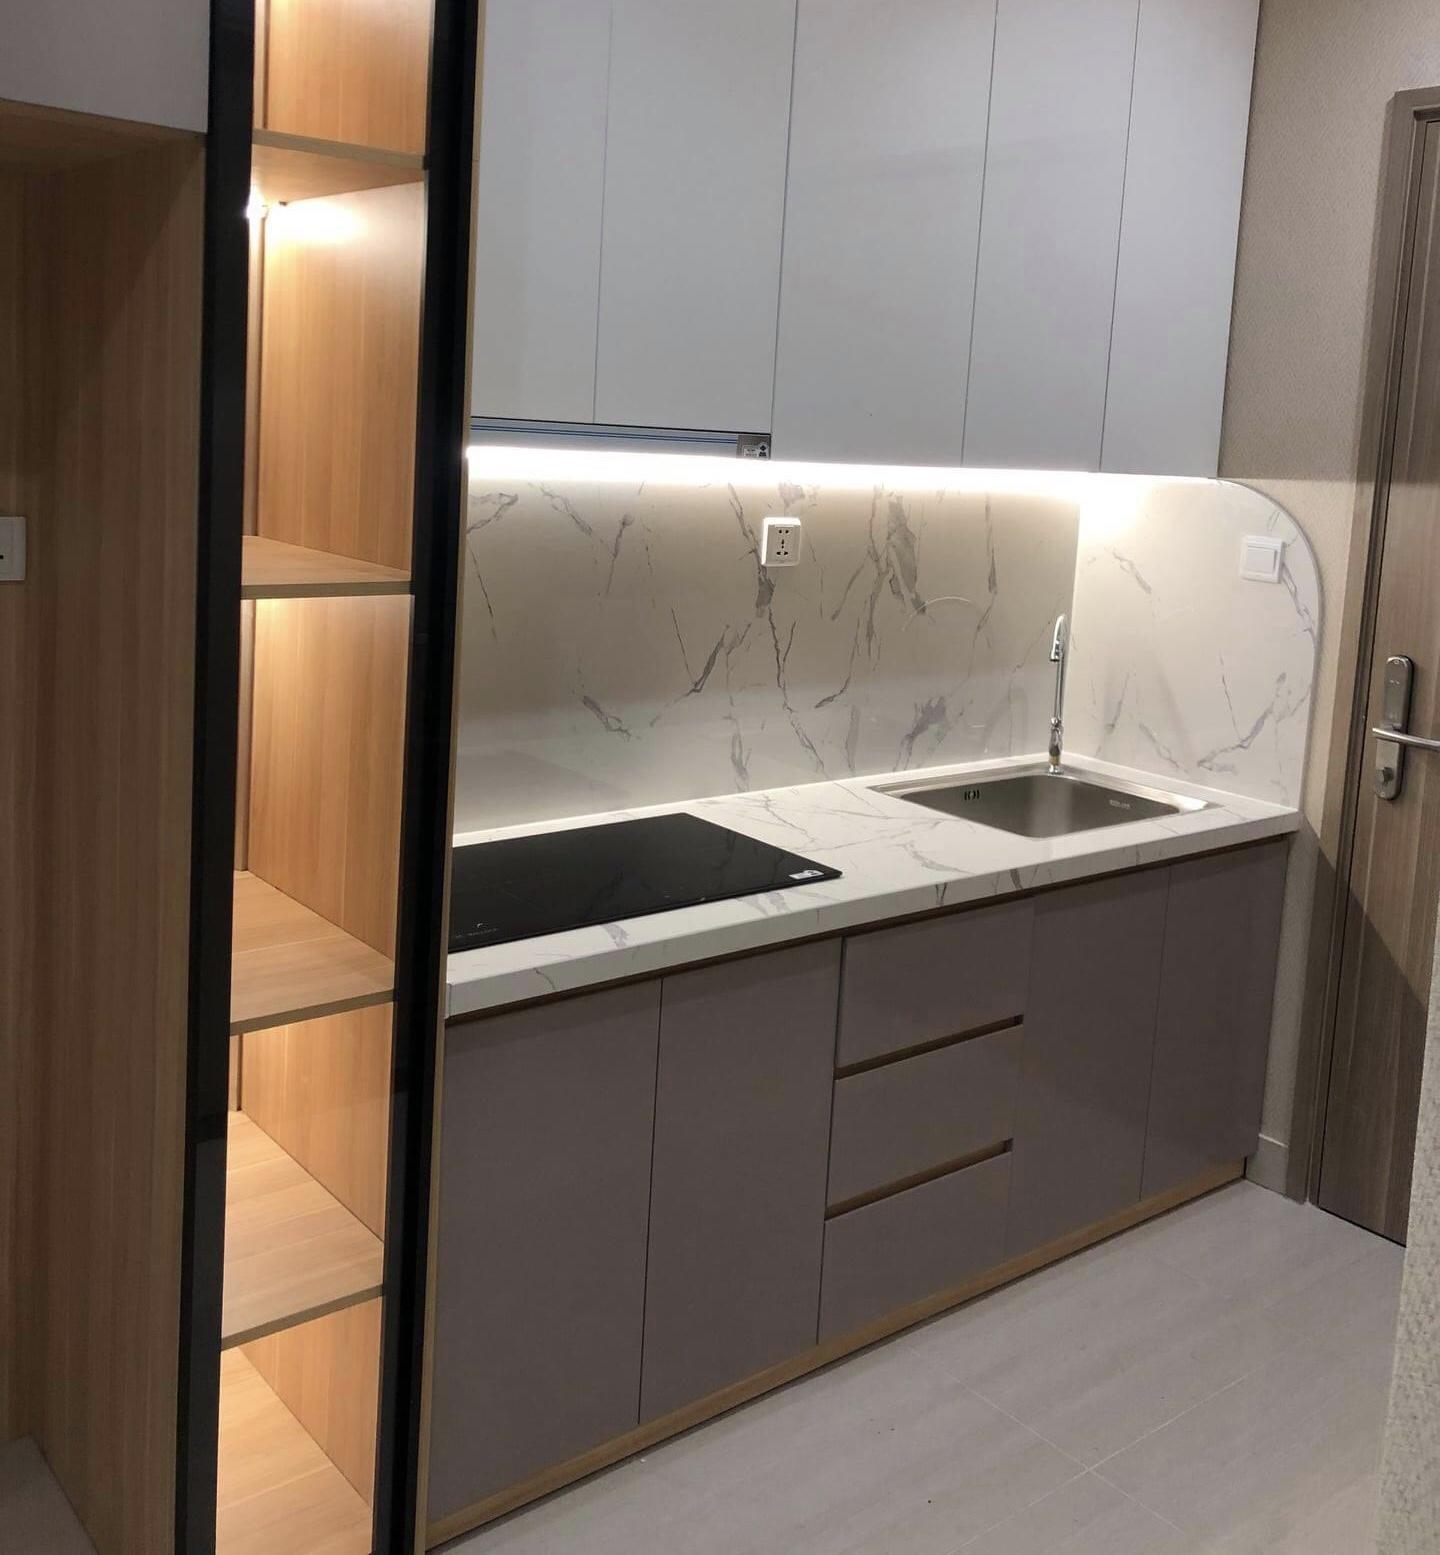 Căn hộ Studio 34m2 tầng 6 toà S5.01 Nội thất đầy đủ giá 5tr/tháng 2